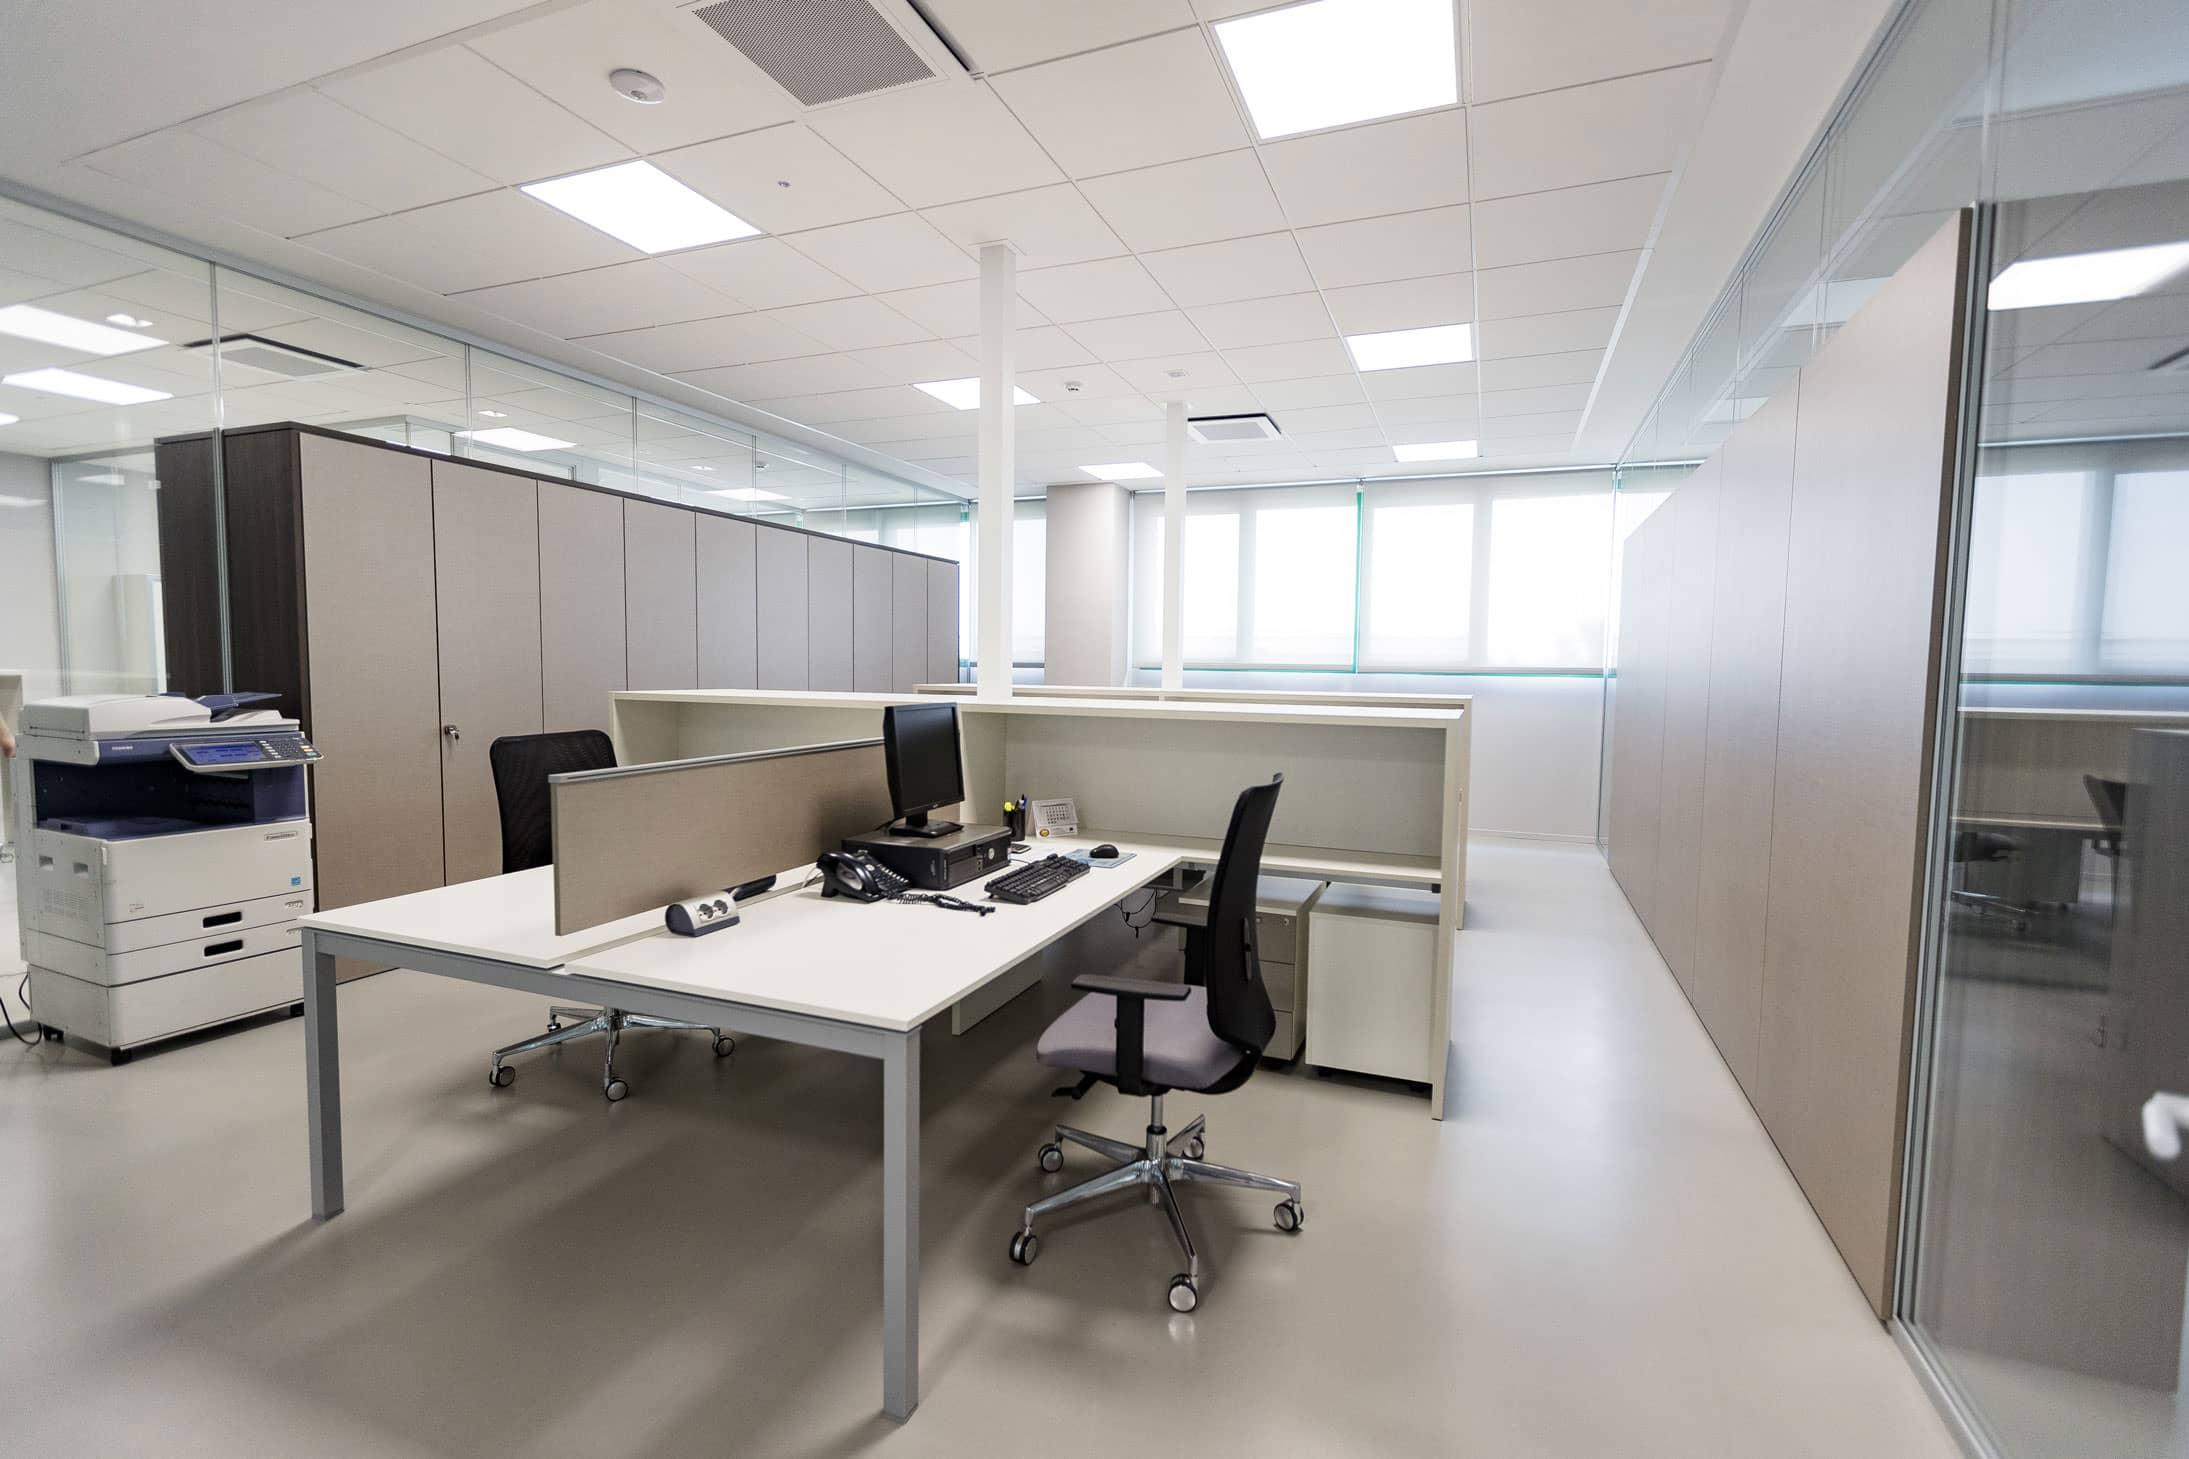 Arredamento Ufficio Friuli Venezia Giulia : Arredamento per ufficio friuli venezia giulia mobili per ufficio